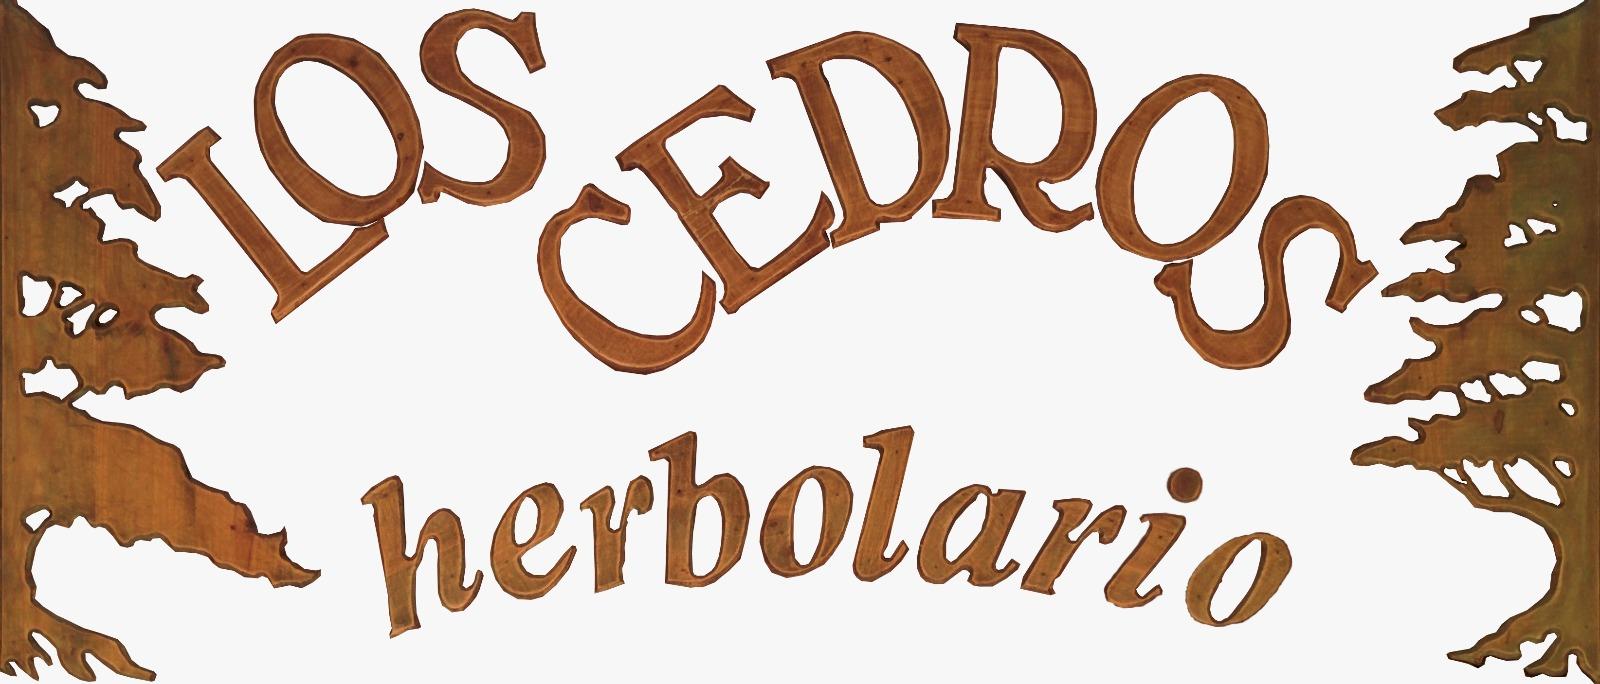 Herbolario Los Cedros